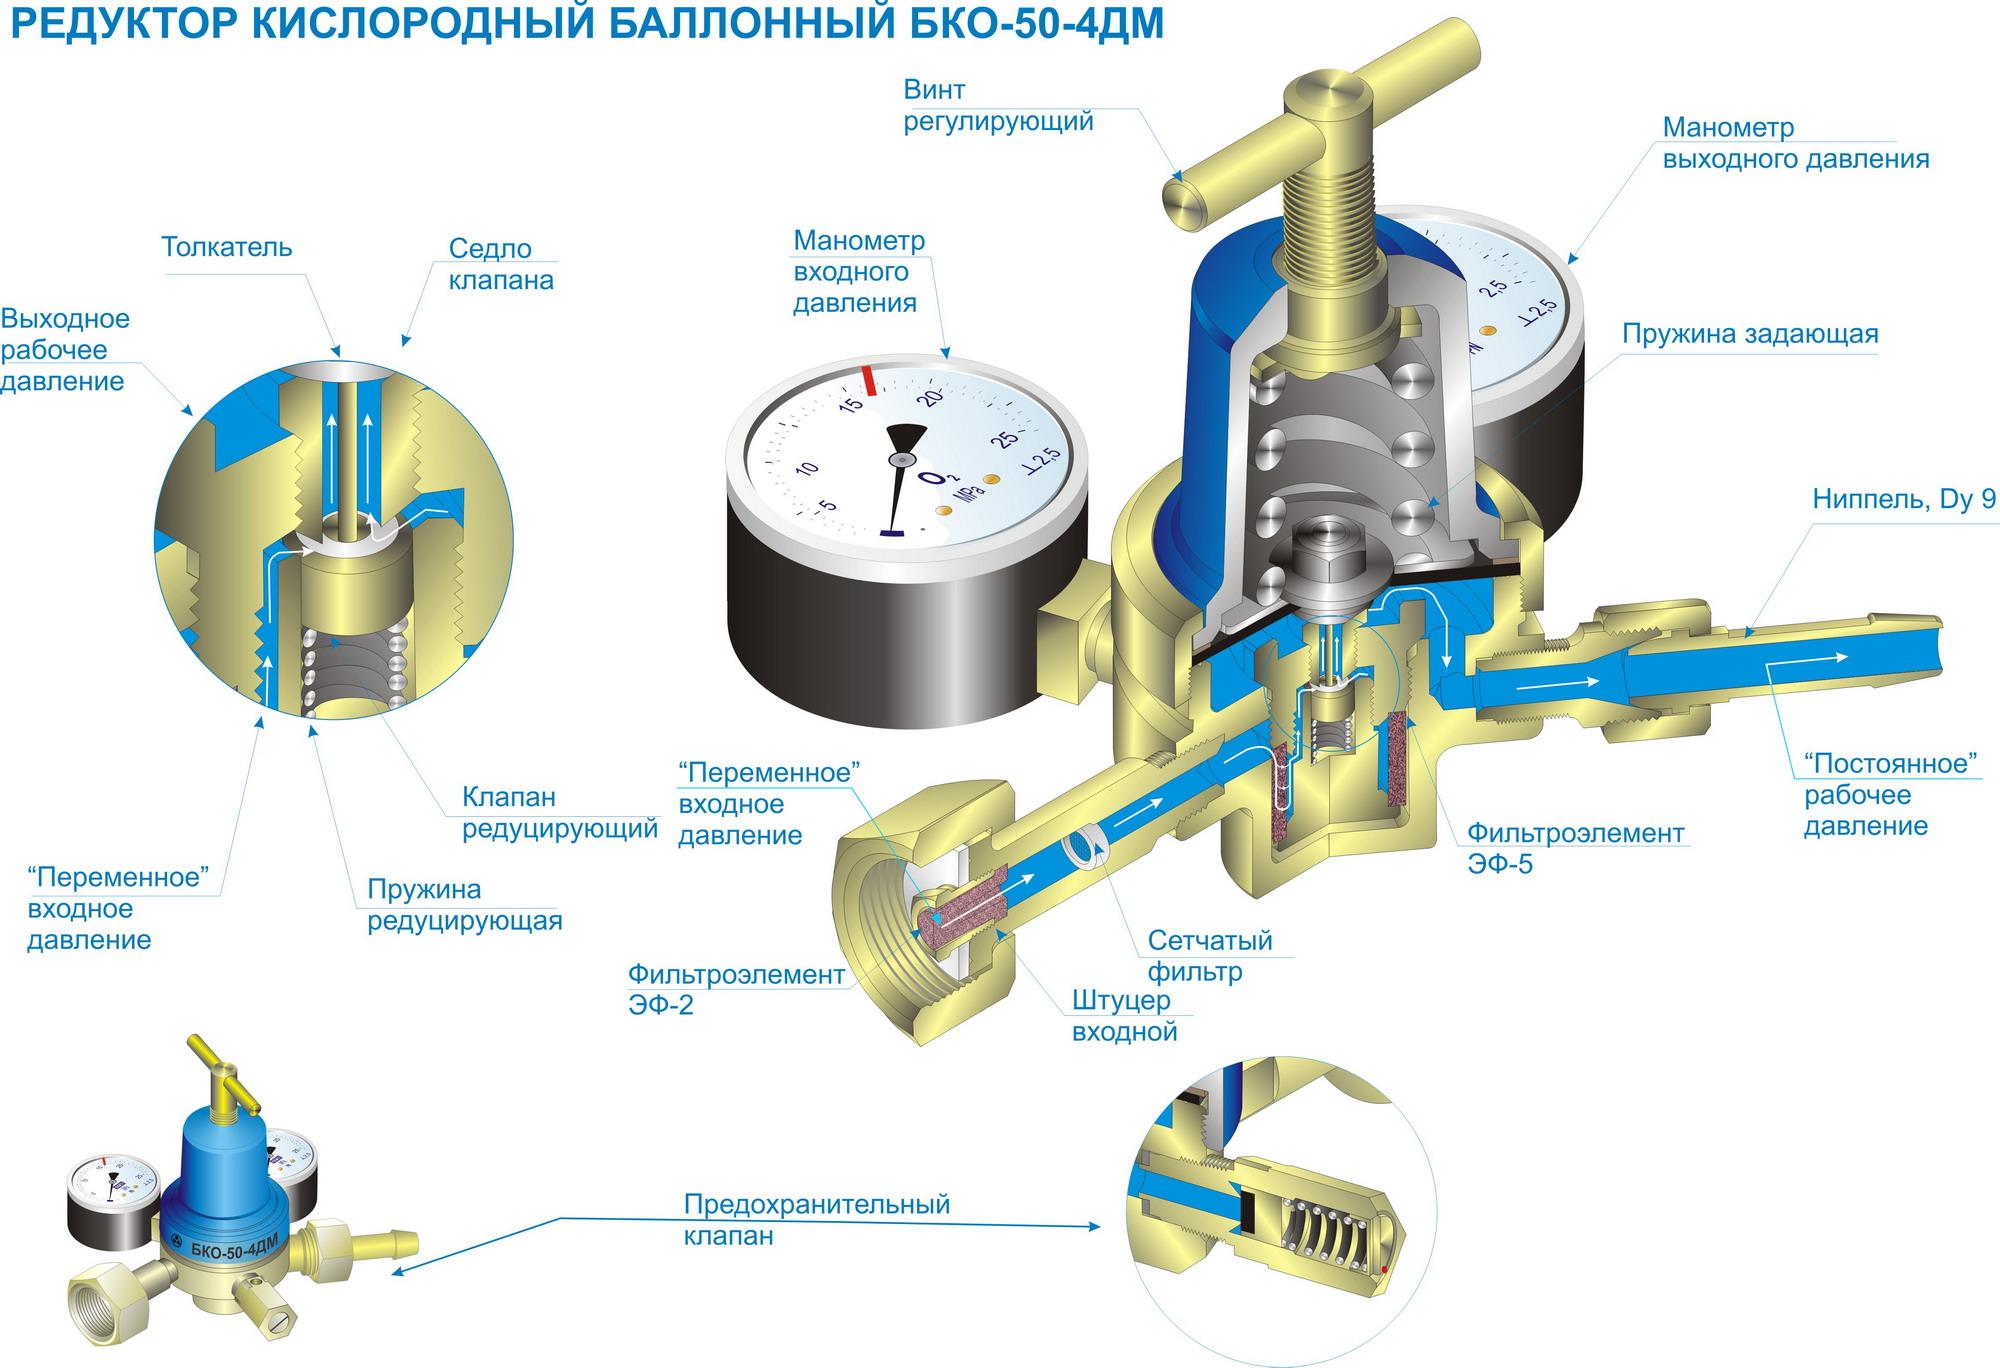 Строение редуктора кислородного баллона